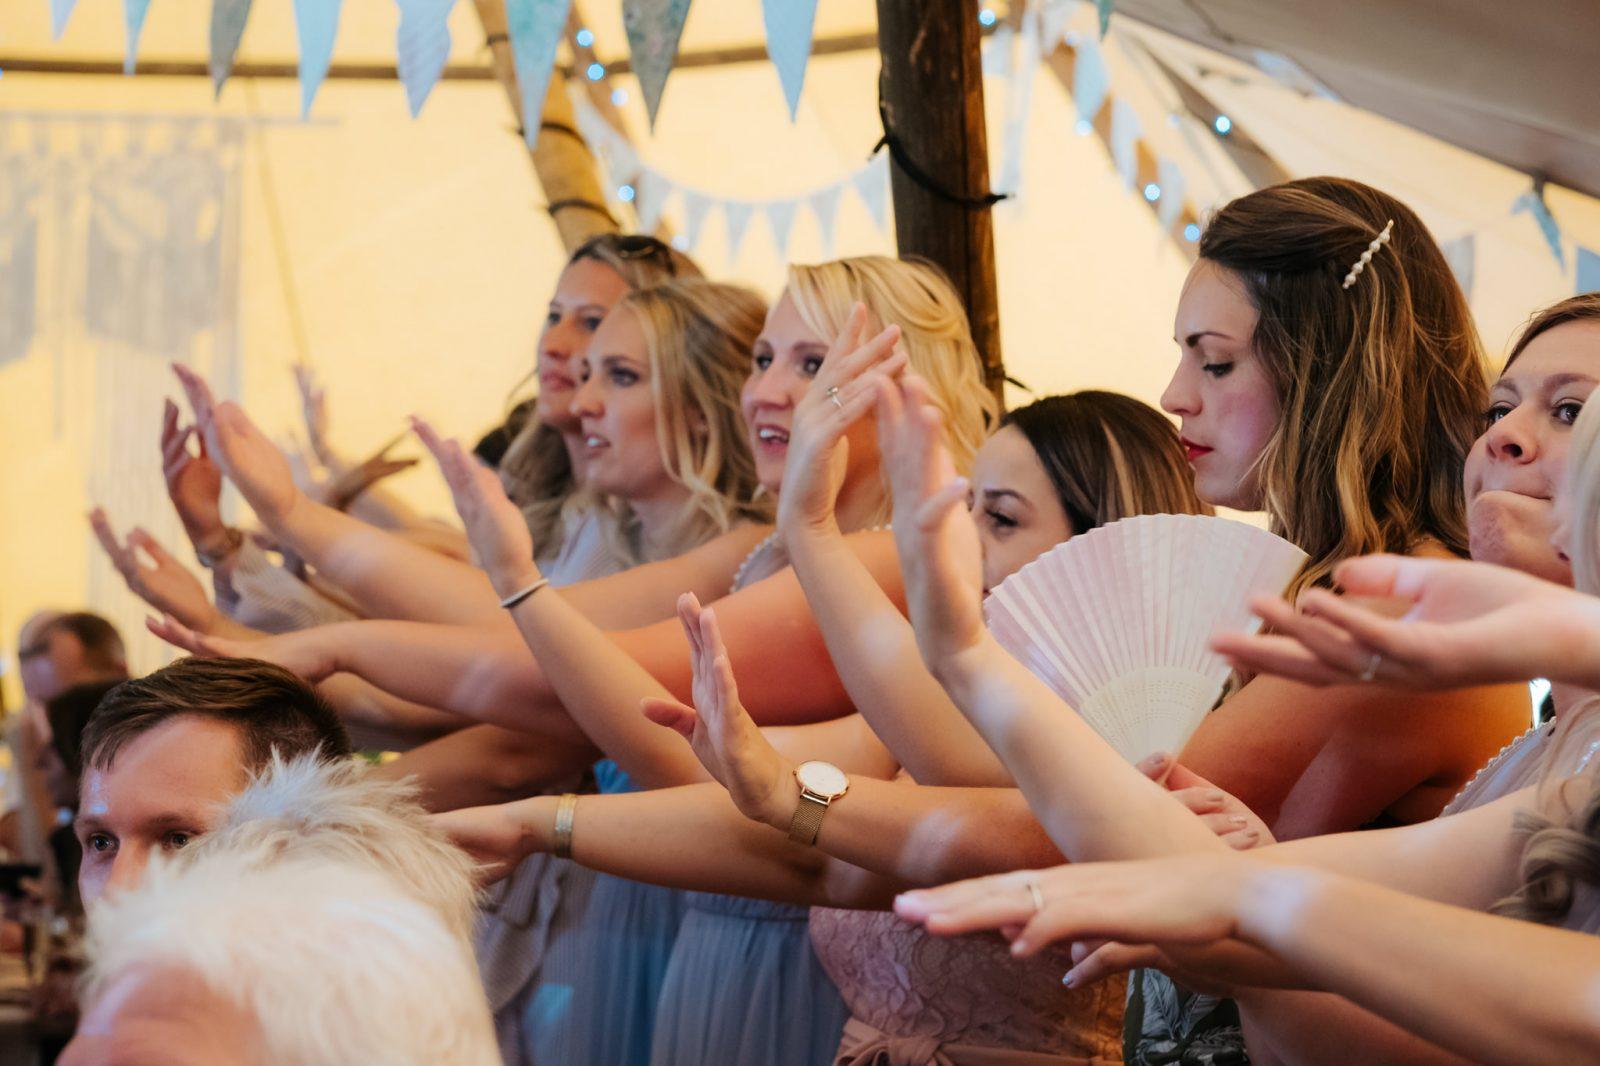 wedding guests dancing macarena